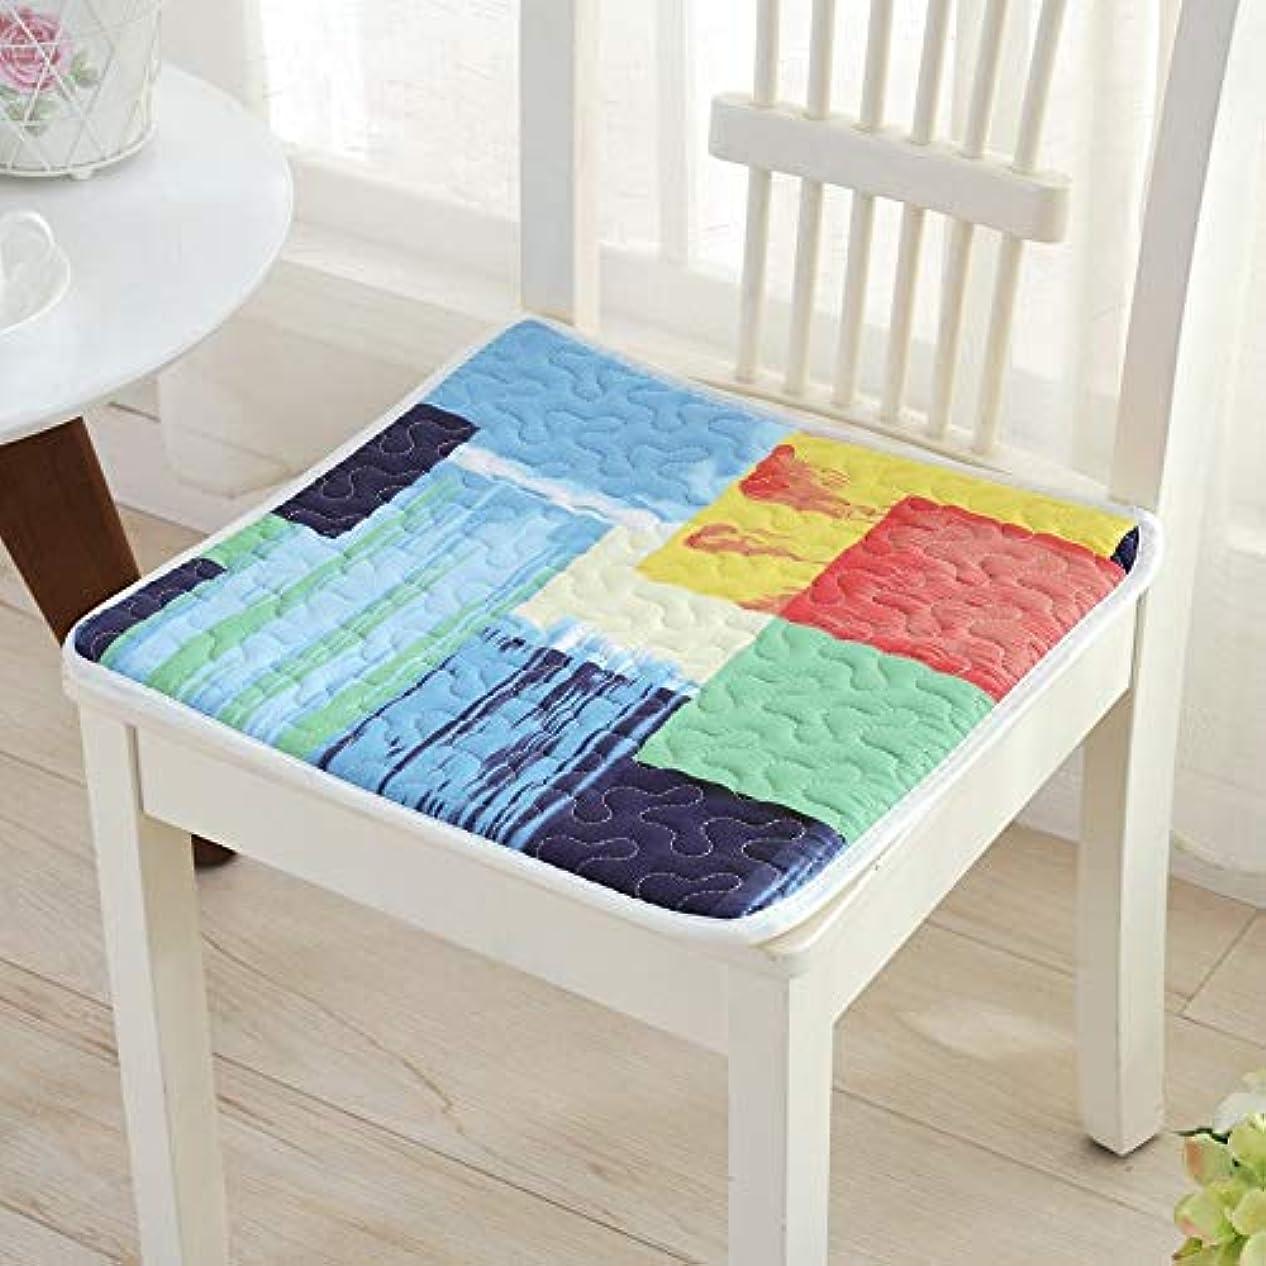 妥協大陸ペチュランスLIFE 現代スーパーソフト椅子クッション非スリップシートクッションマットソファホームデコレーションバッククッションチェアパッド 40*40/45*45/50*50 センチメートル クッション 椅子